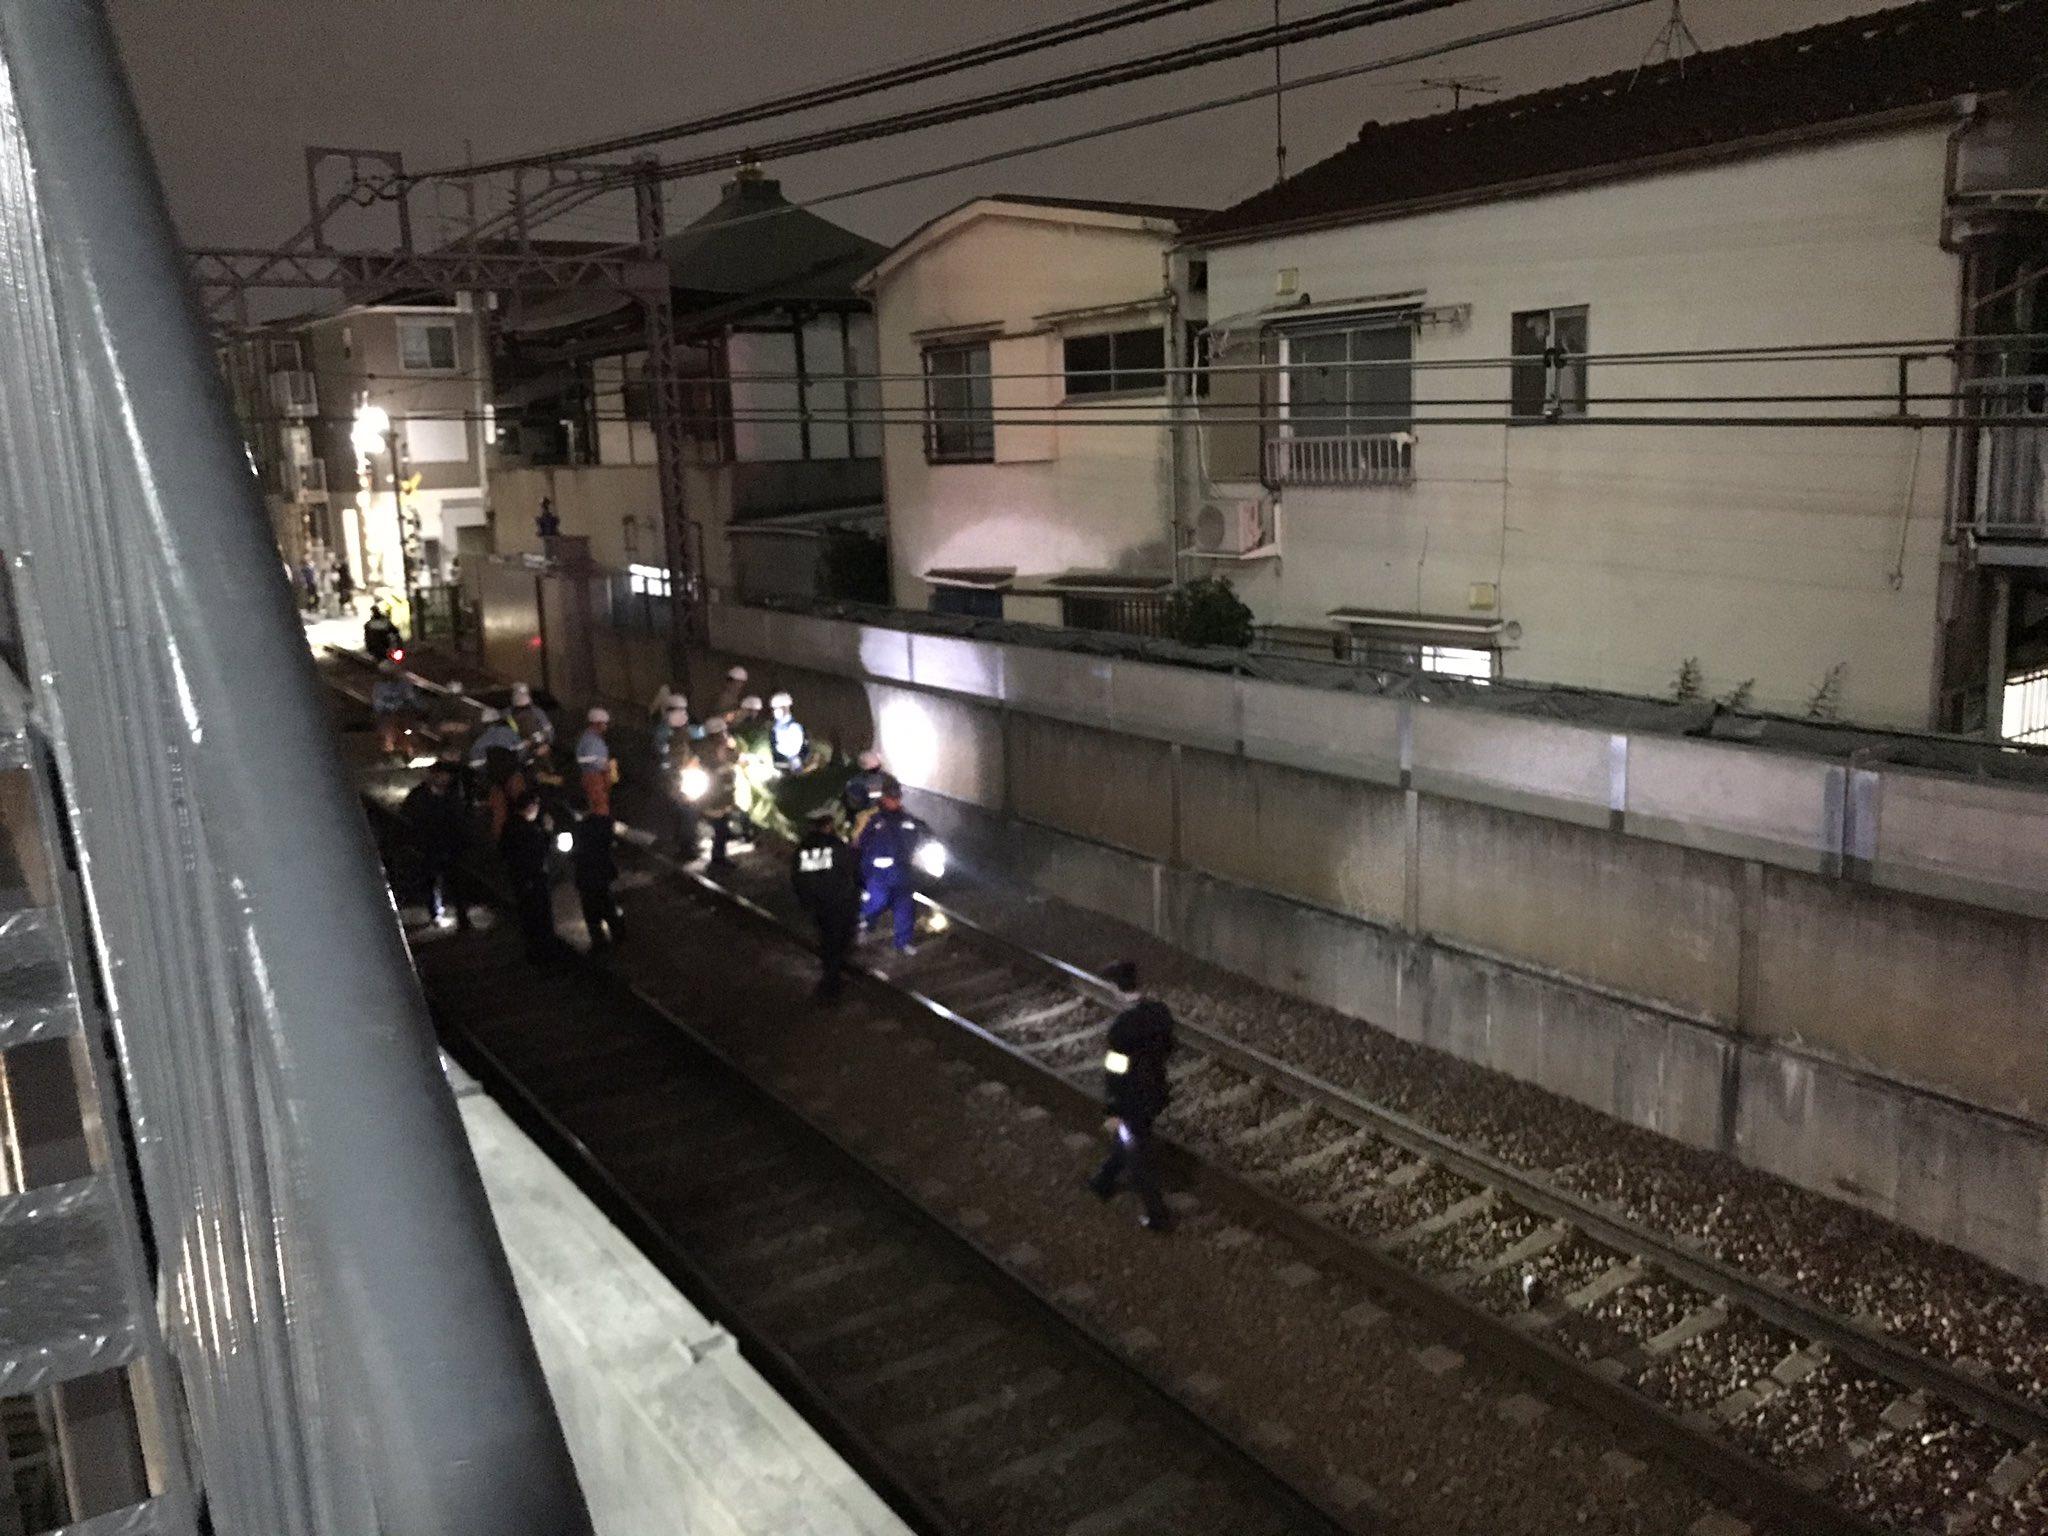 京急空港線の糀谷駅~大鳥居駅間で人身事故が起きた現場の画像